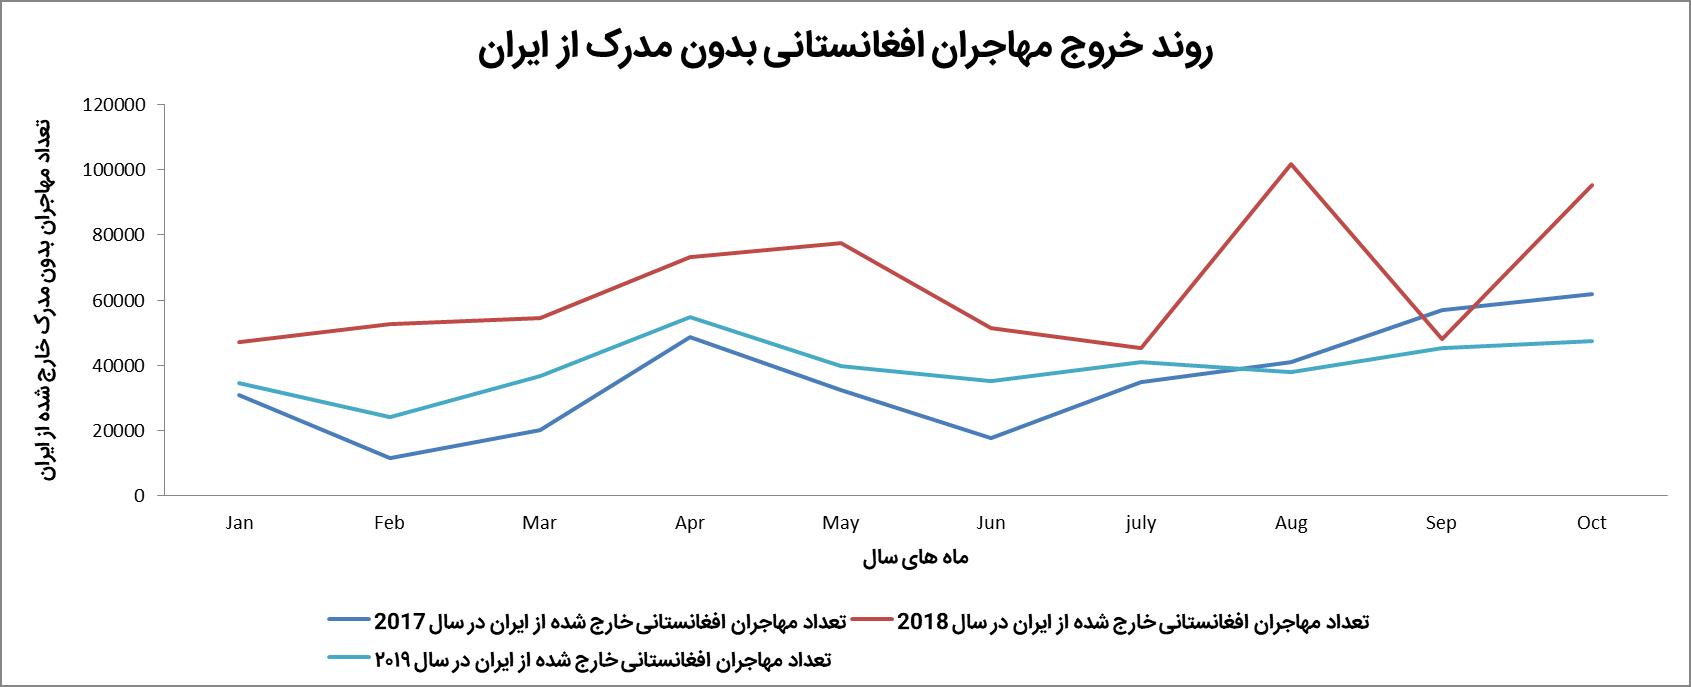 روند خروج مهاجران بدون مدرک افغانستانی در سه سال گذشته